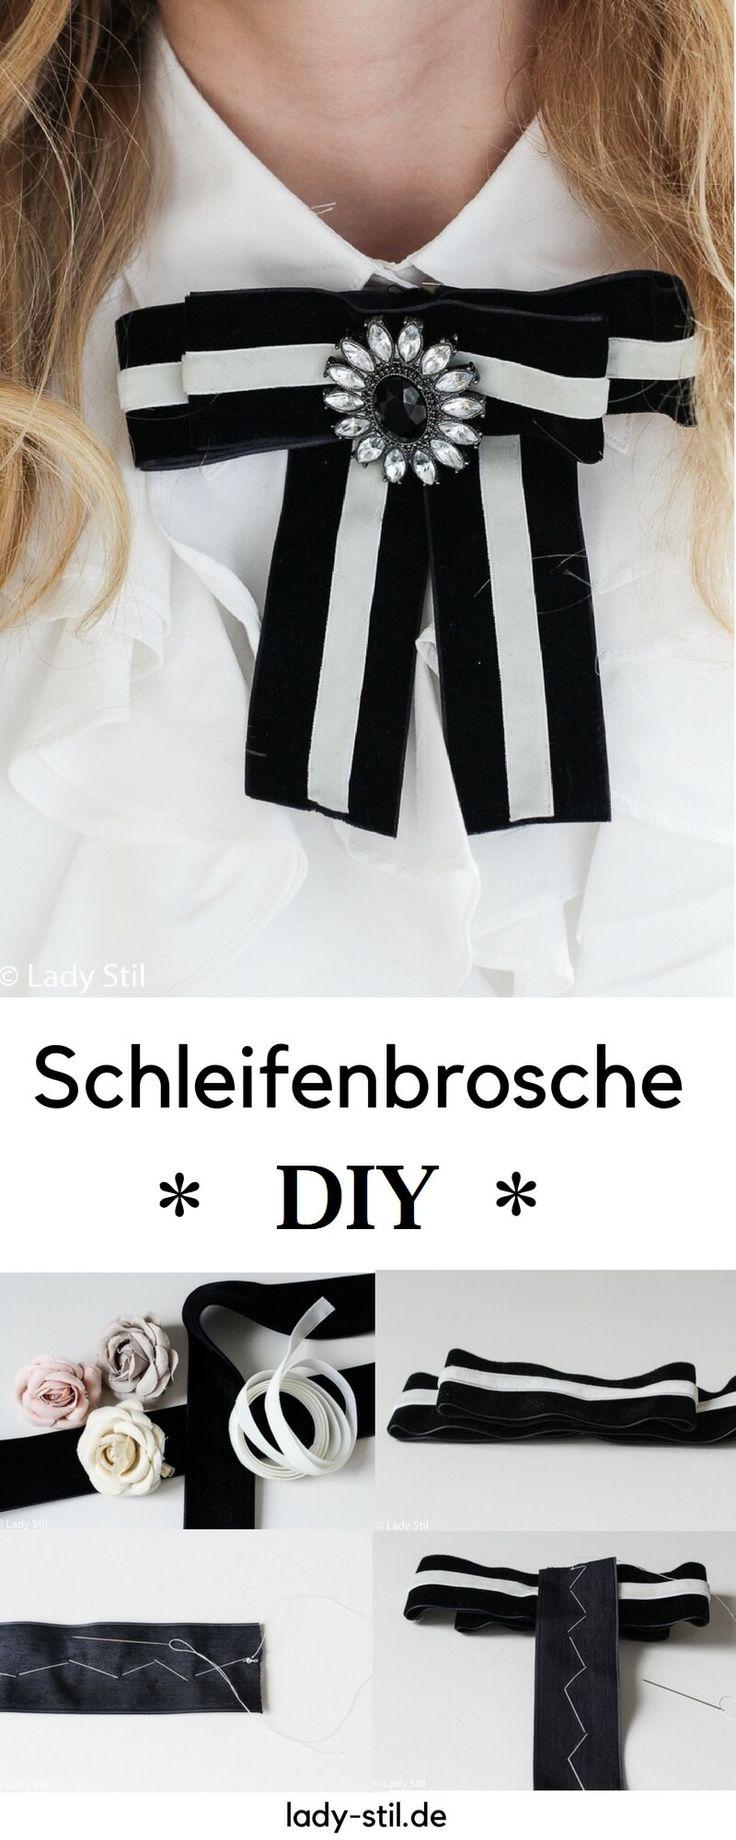 Das Mode It-Piece schlechthin! Die Schleifenbrosche! Mit dieser DIY Anleitung könnt ihr sie ganz einfach selber machen!